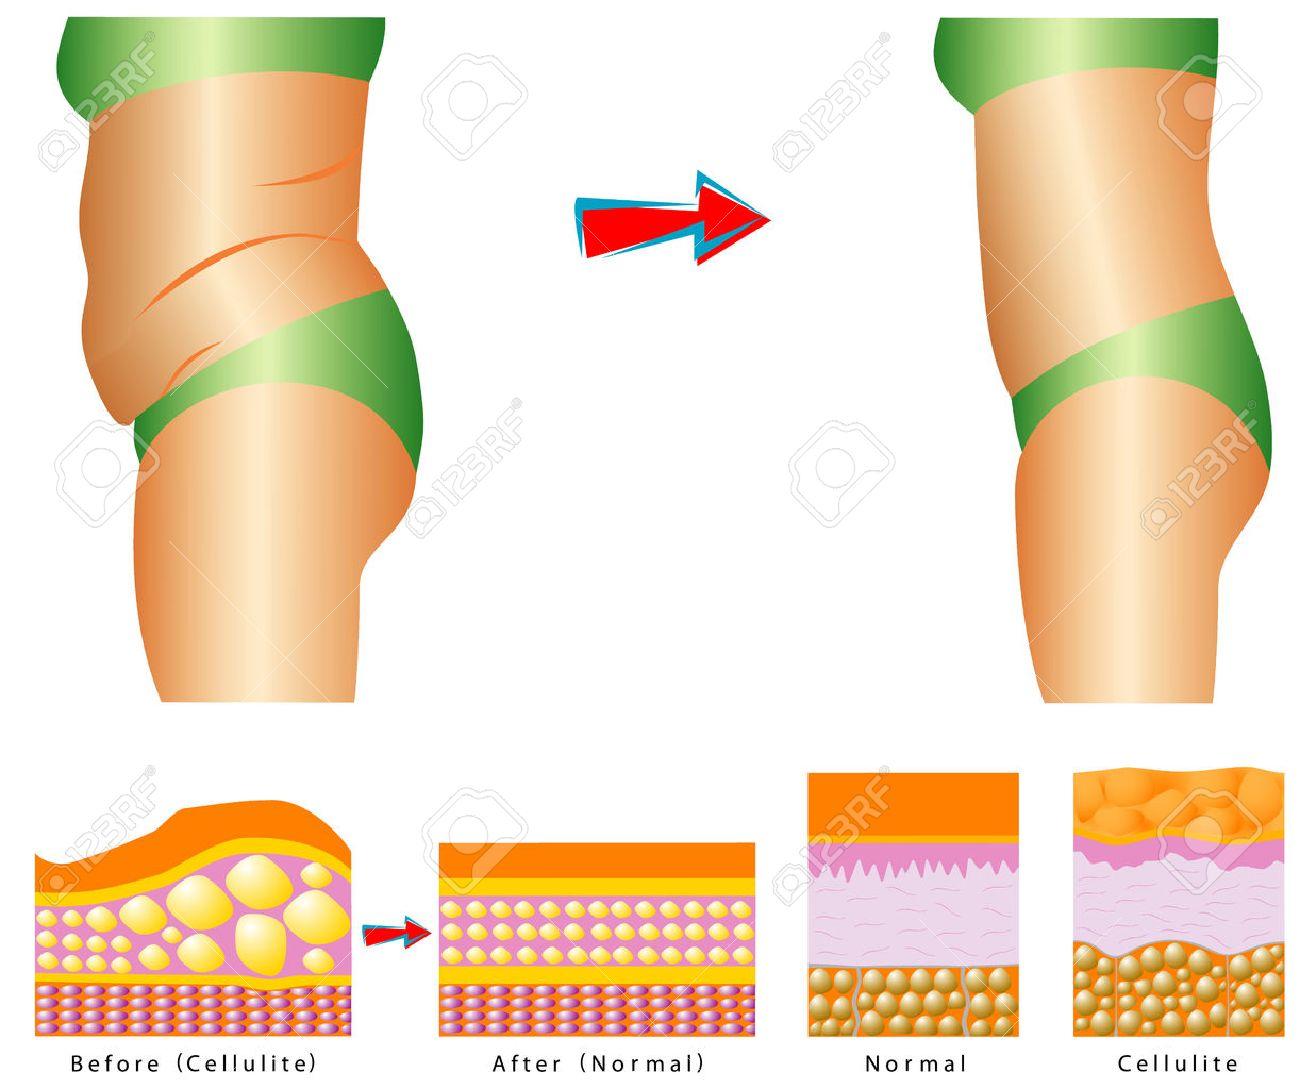 Fett Am Bauch Cellulite - Frau S Körper Vor Und Nach Gegen Cellulite ...